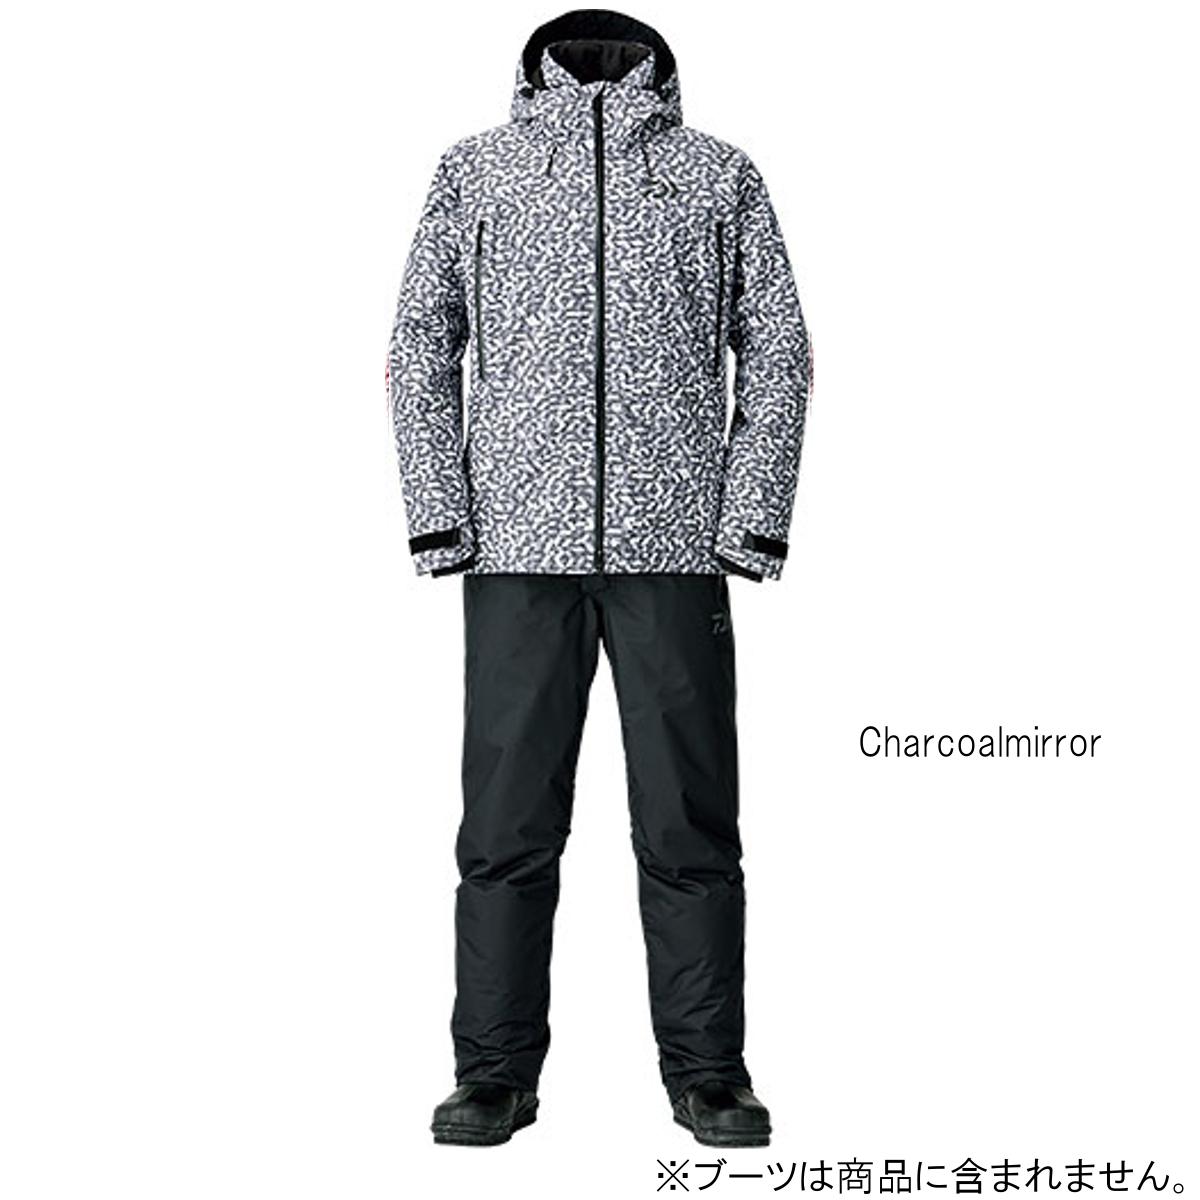 ダイワ レインマックス ウィンタースーツ DW-3108 XL Charcoalmirror(東日本店)